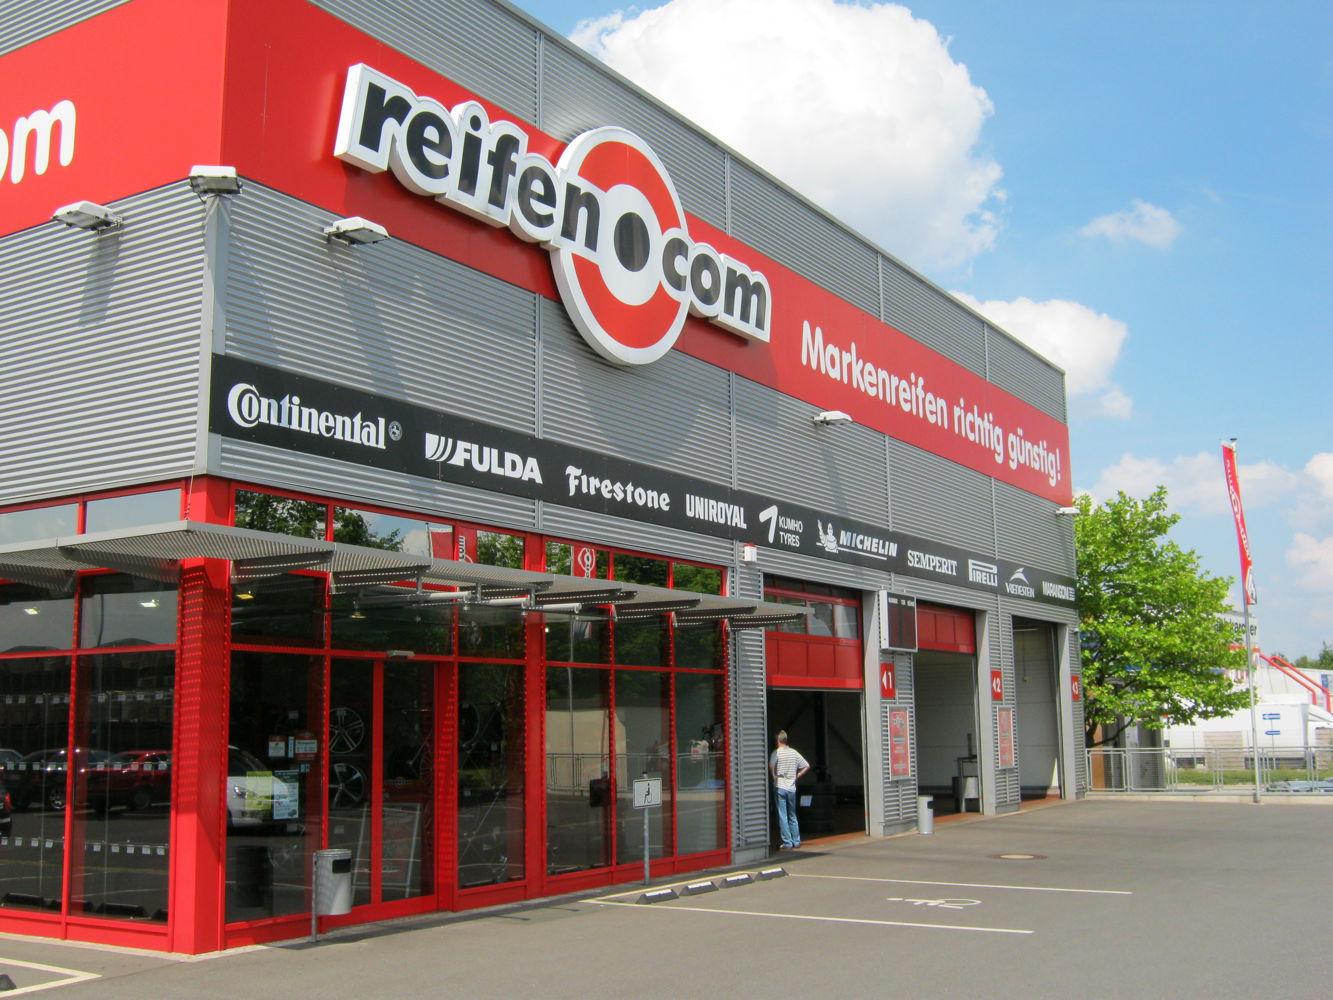 reifen.com-branch in Hanover Bornum